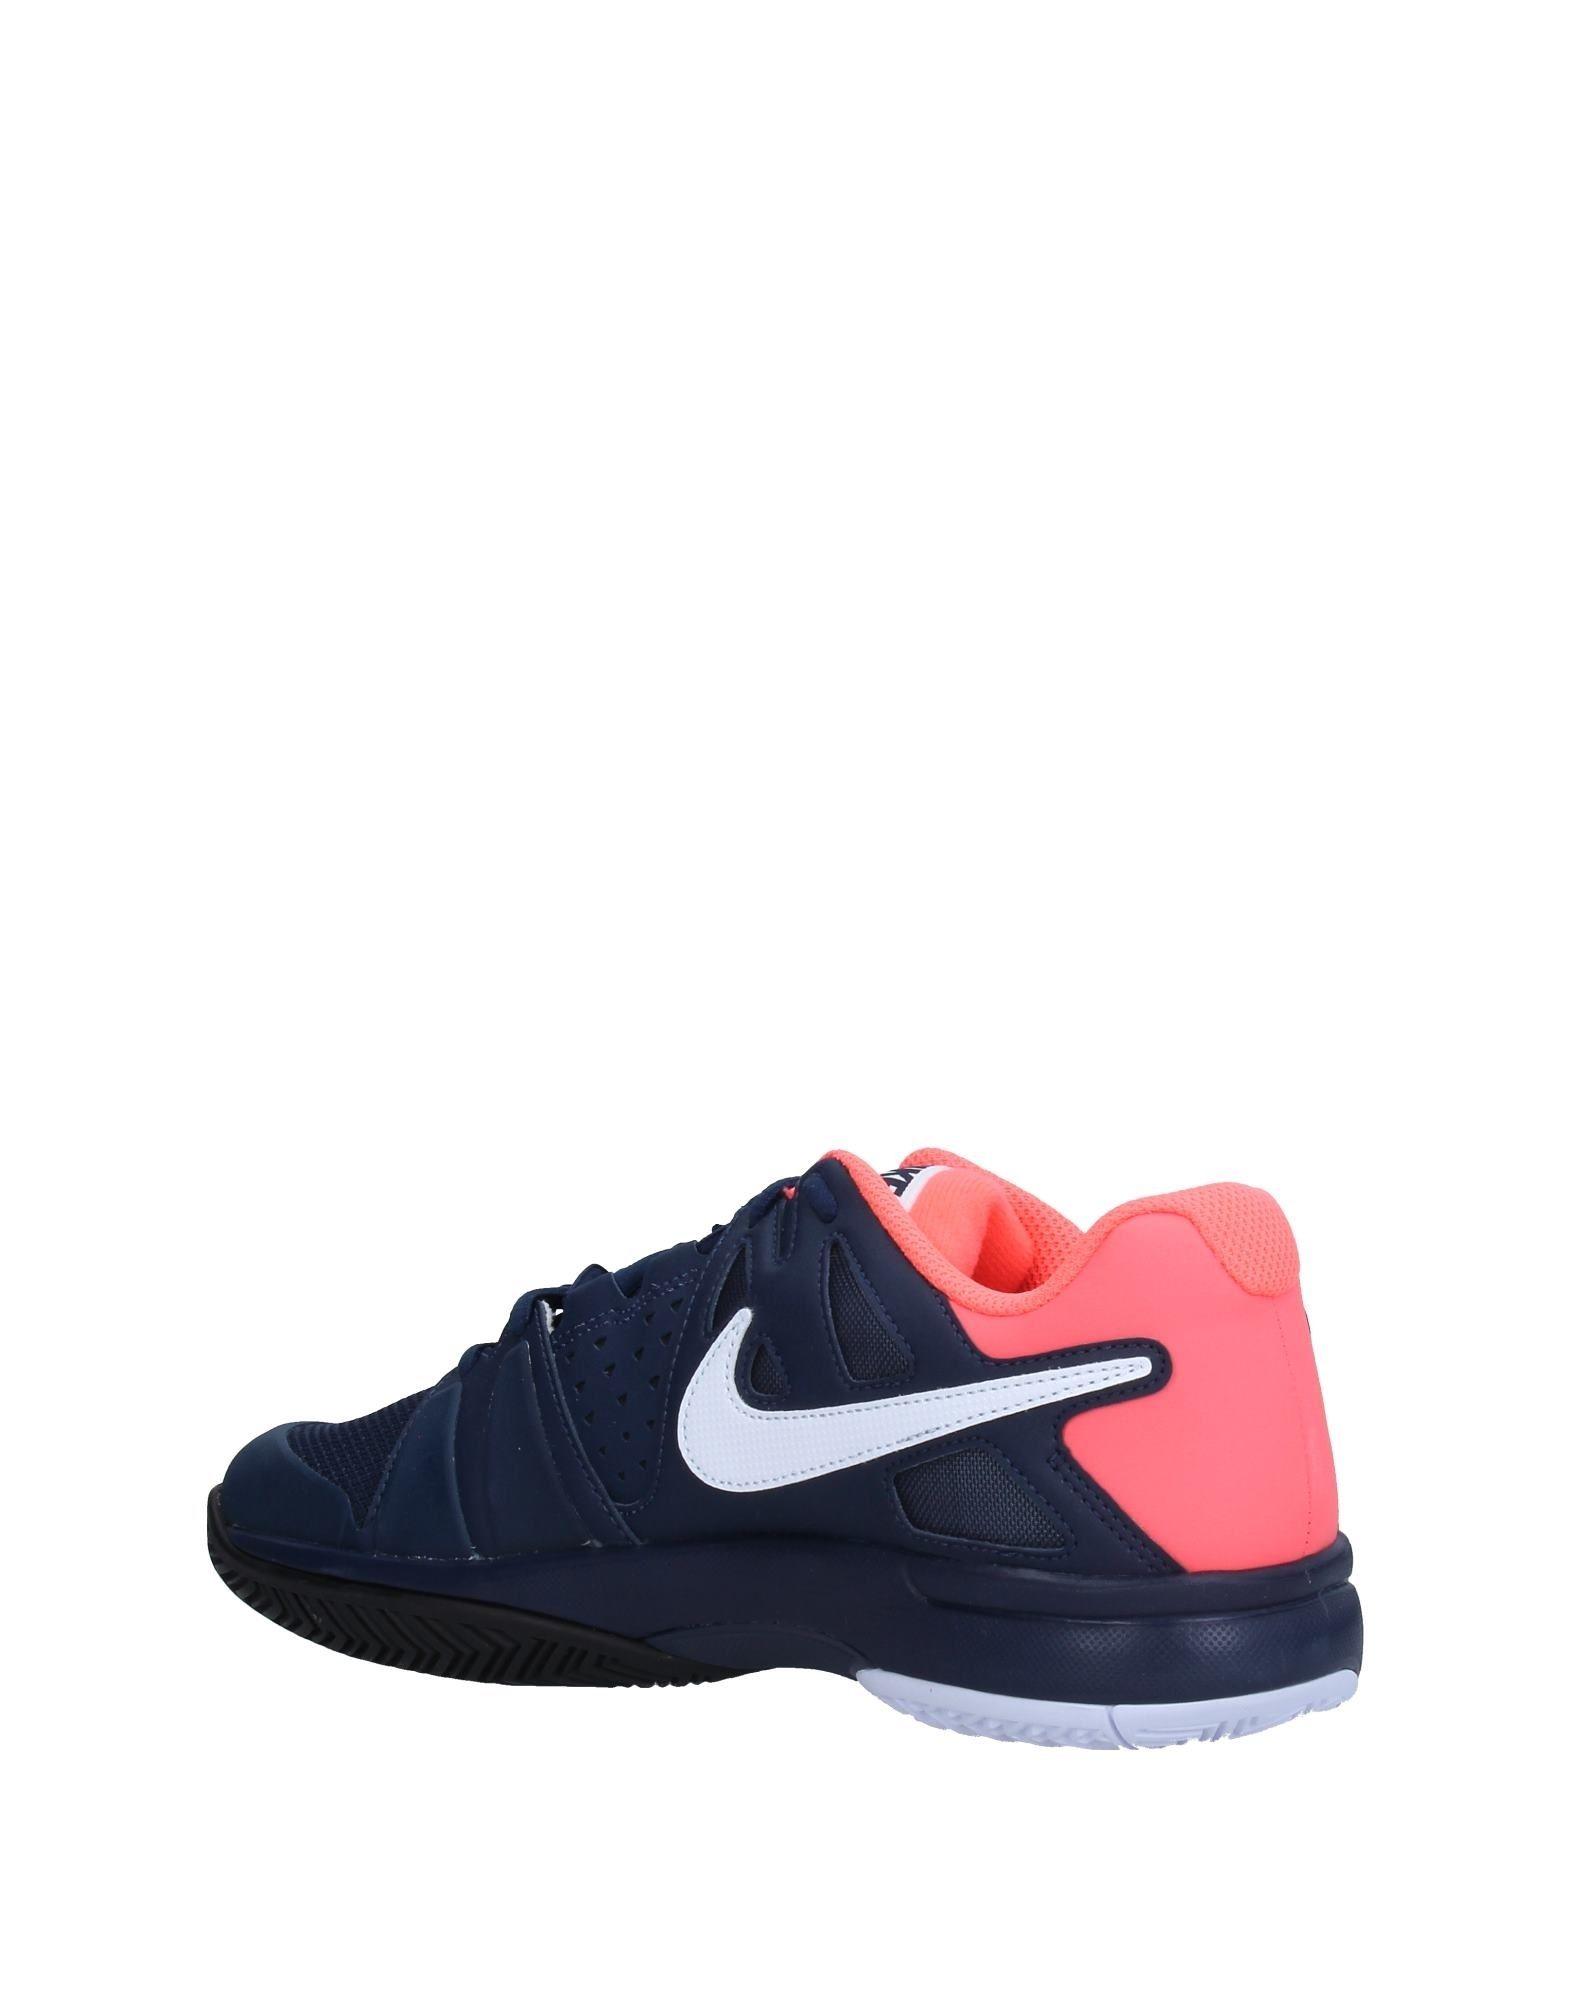 Rabatt echte  Schuhe Nike Sneakers Herren  echte 11237945SN 610849